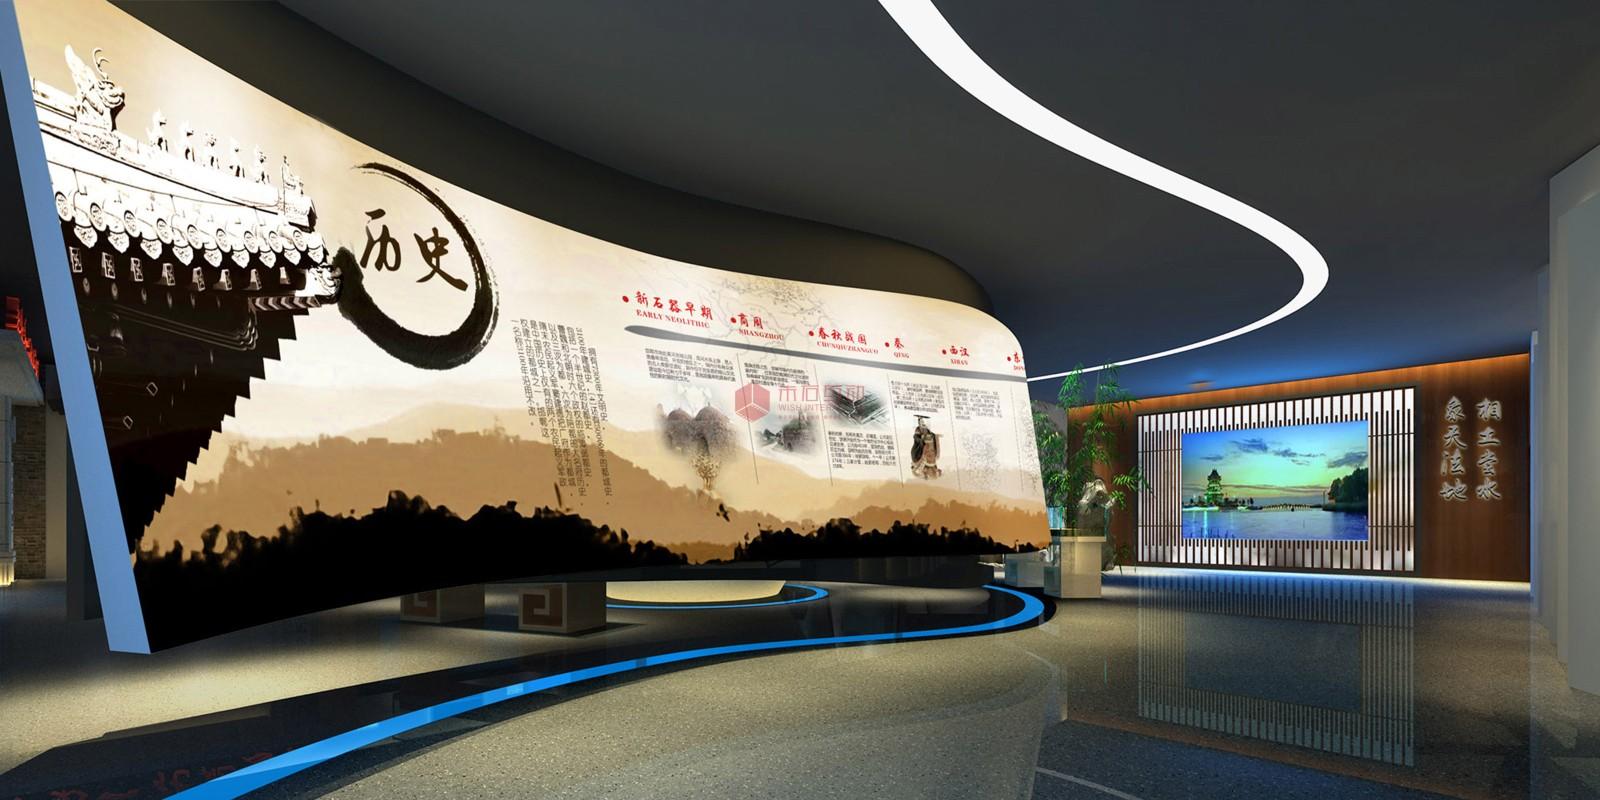 云南專用博物館高品質的選擇 服務至上 未石互動科技供應